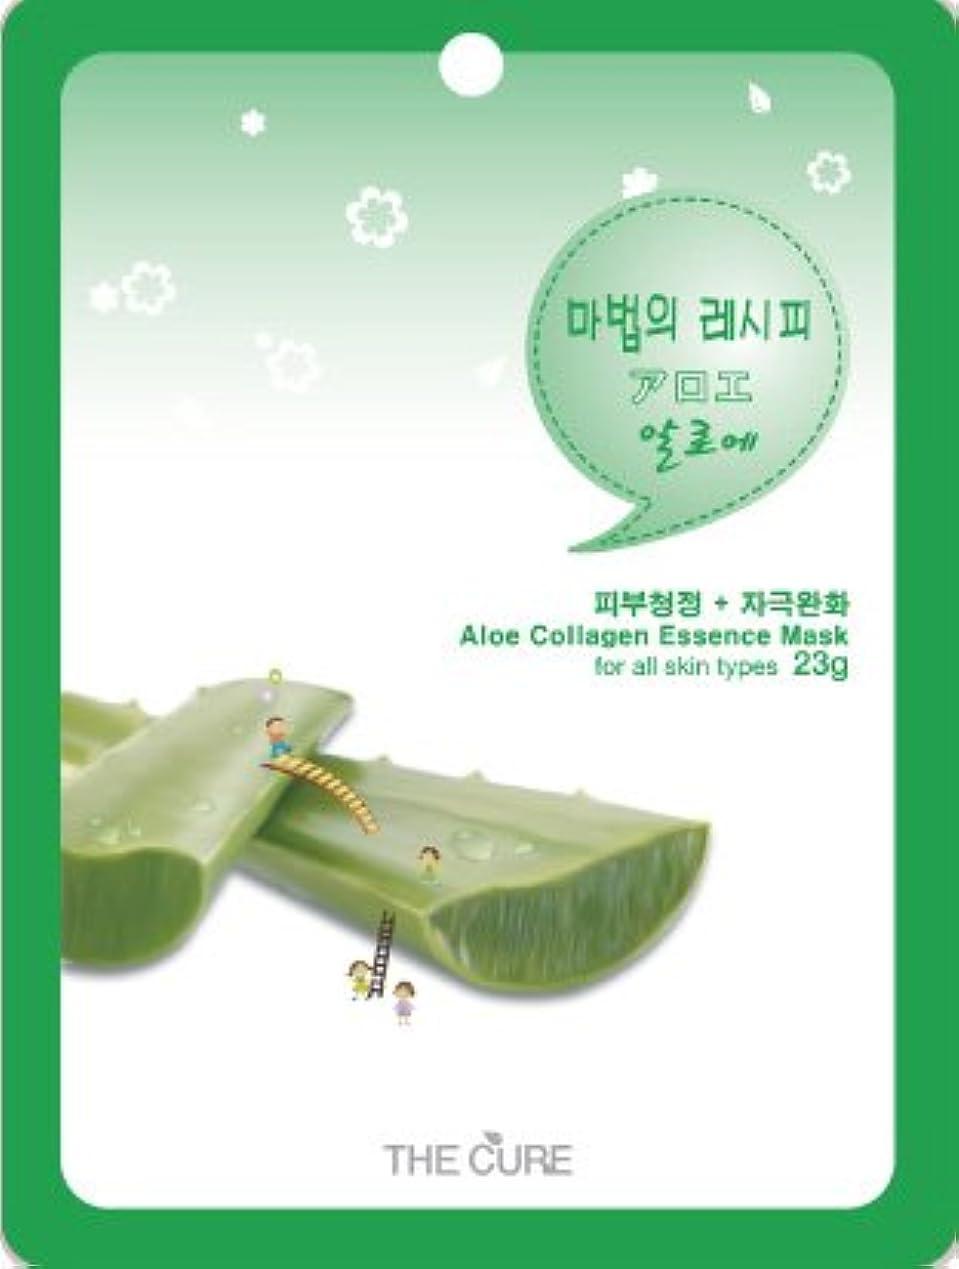 メドレーまっすぐにする操作可能アロエ コラーゲン エッセンス マスク THE CURE シート パック 10枚セット 韓国 コスメ 乾燥肌 オイリー肌 混合肌